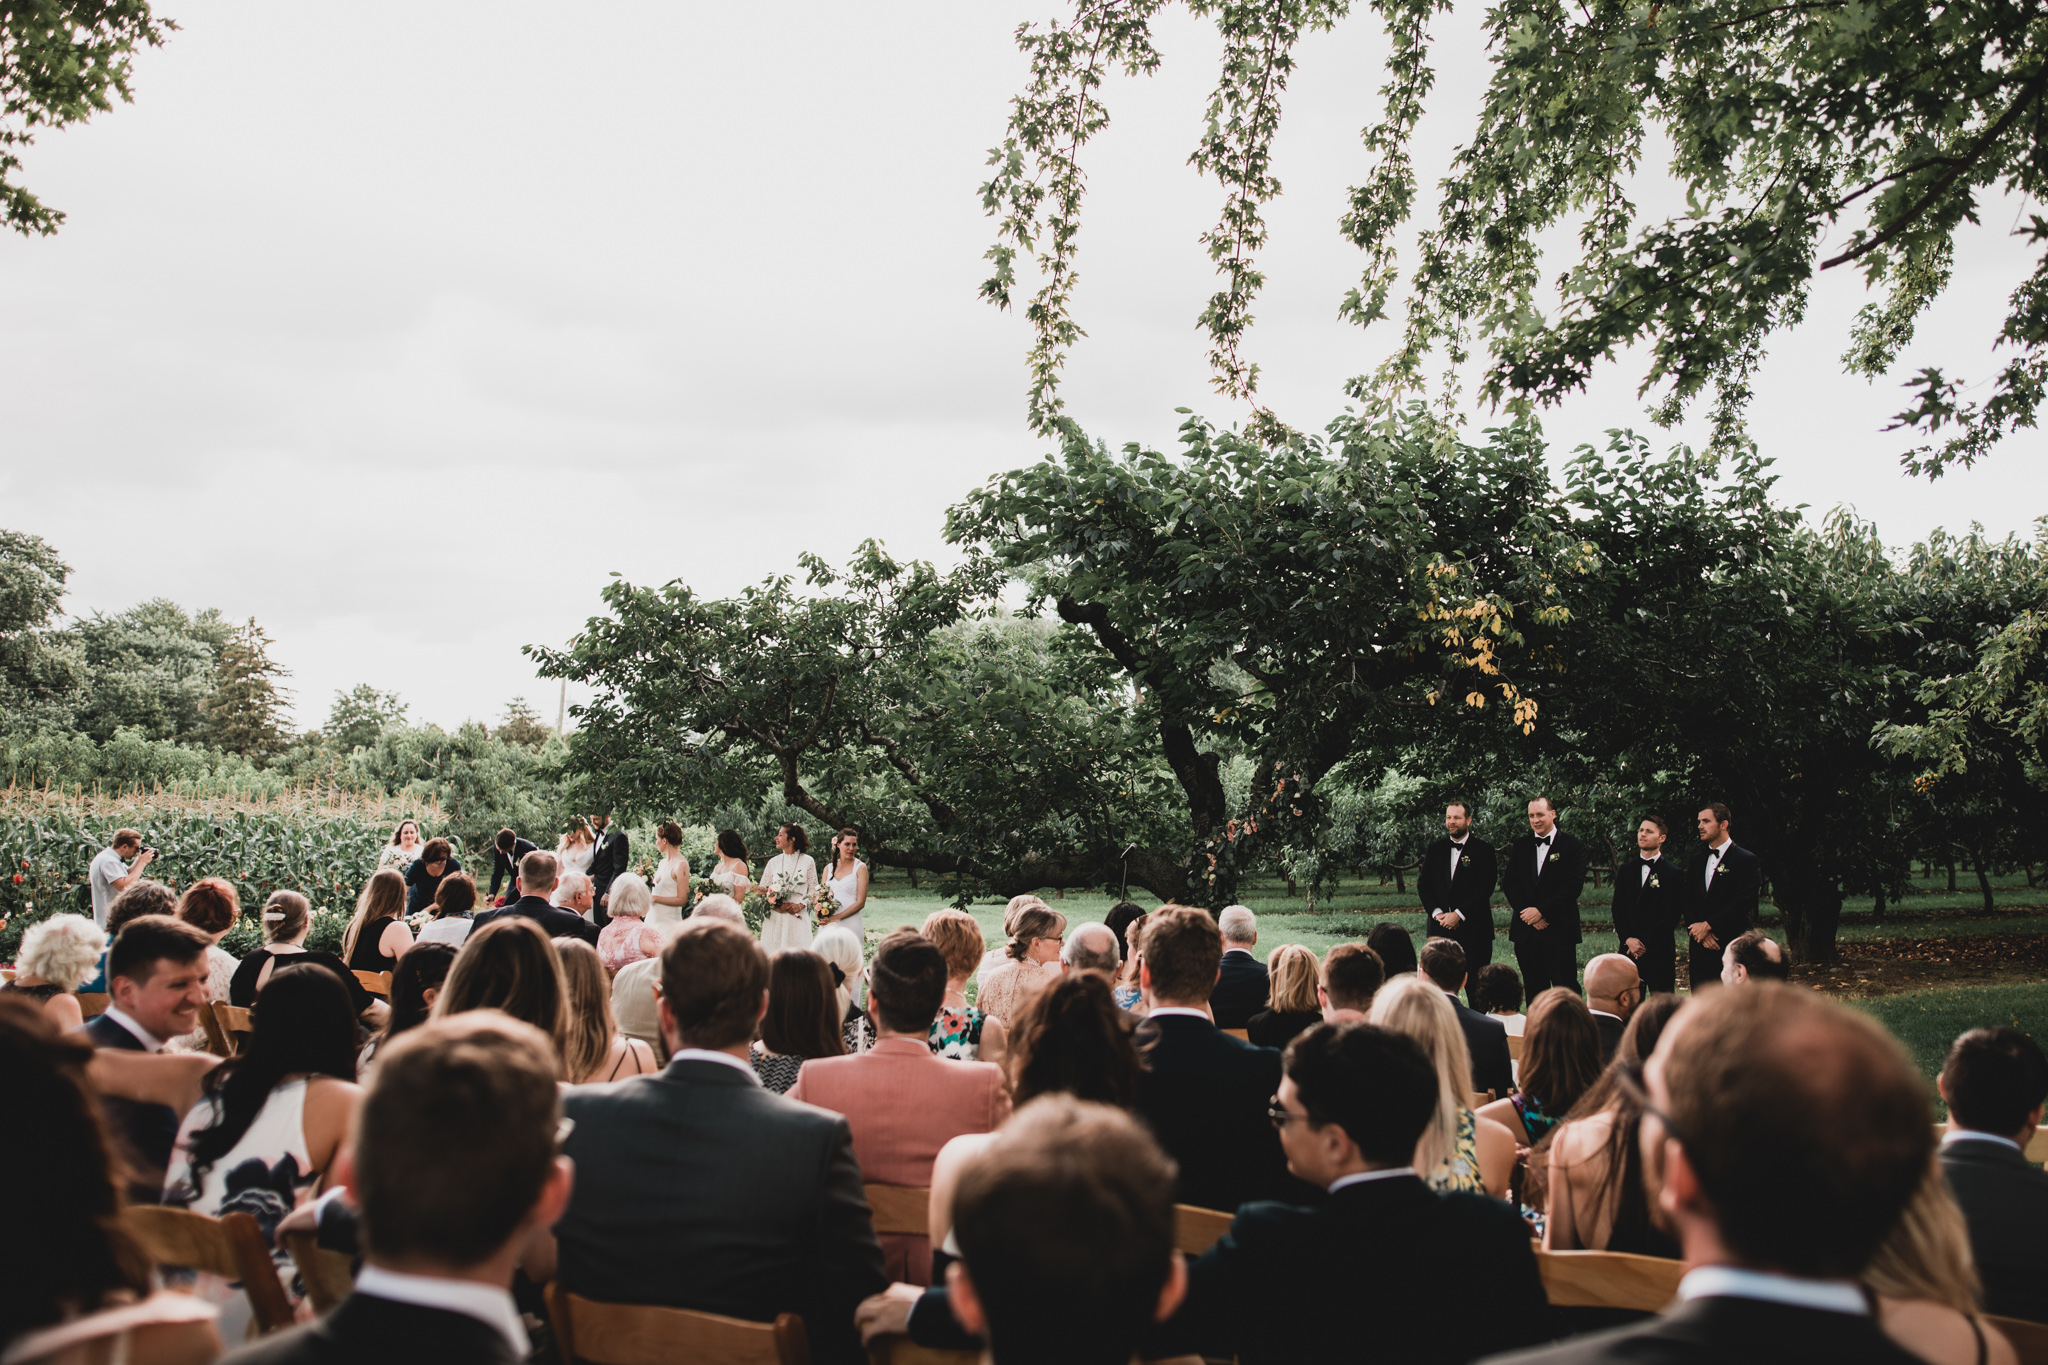 Outdoor, natural wedding photos